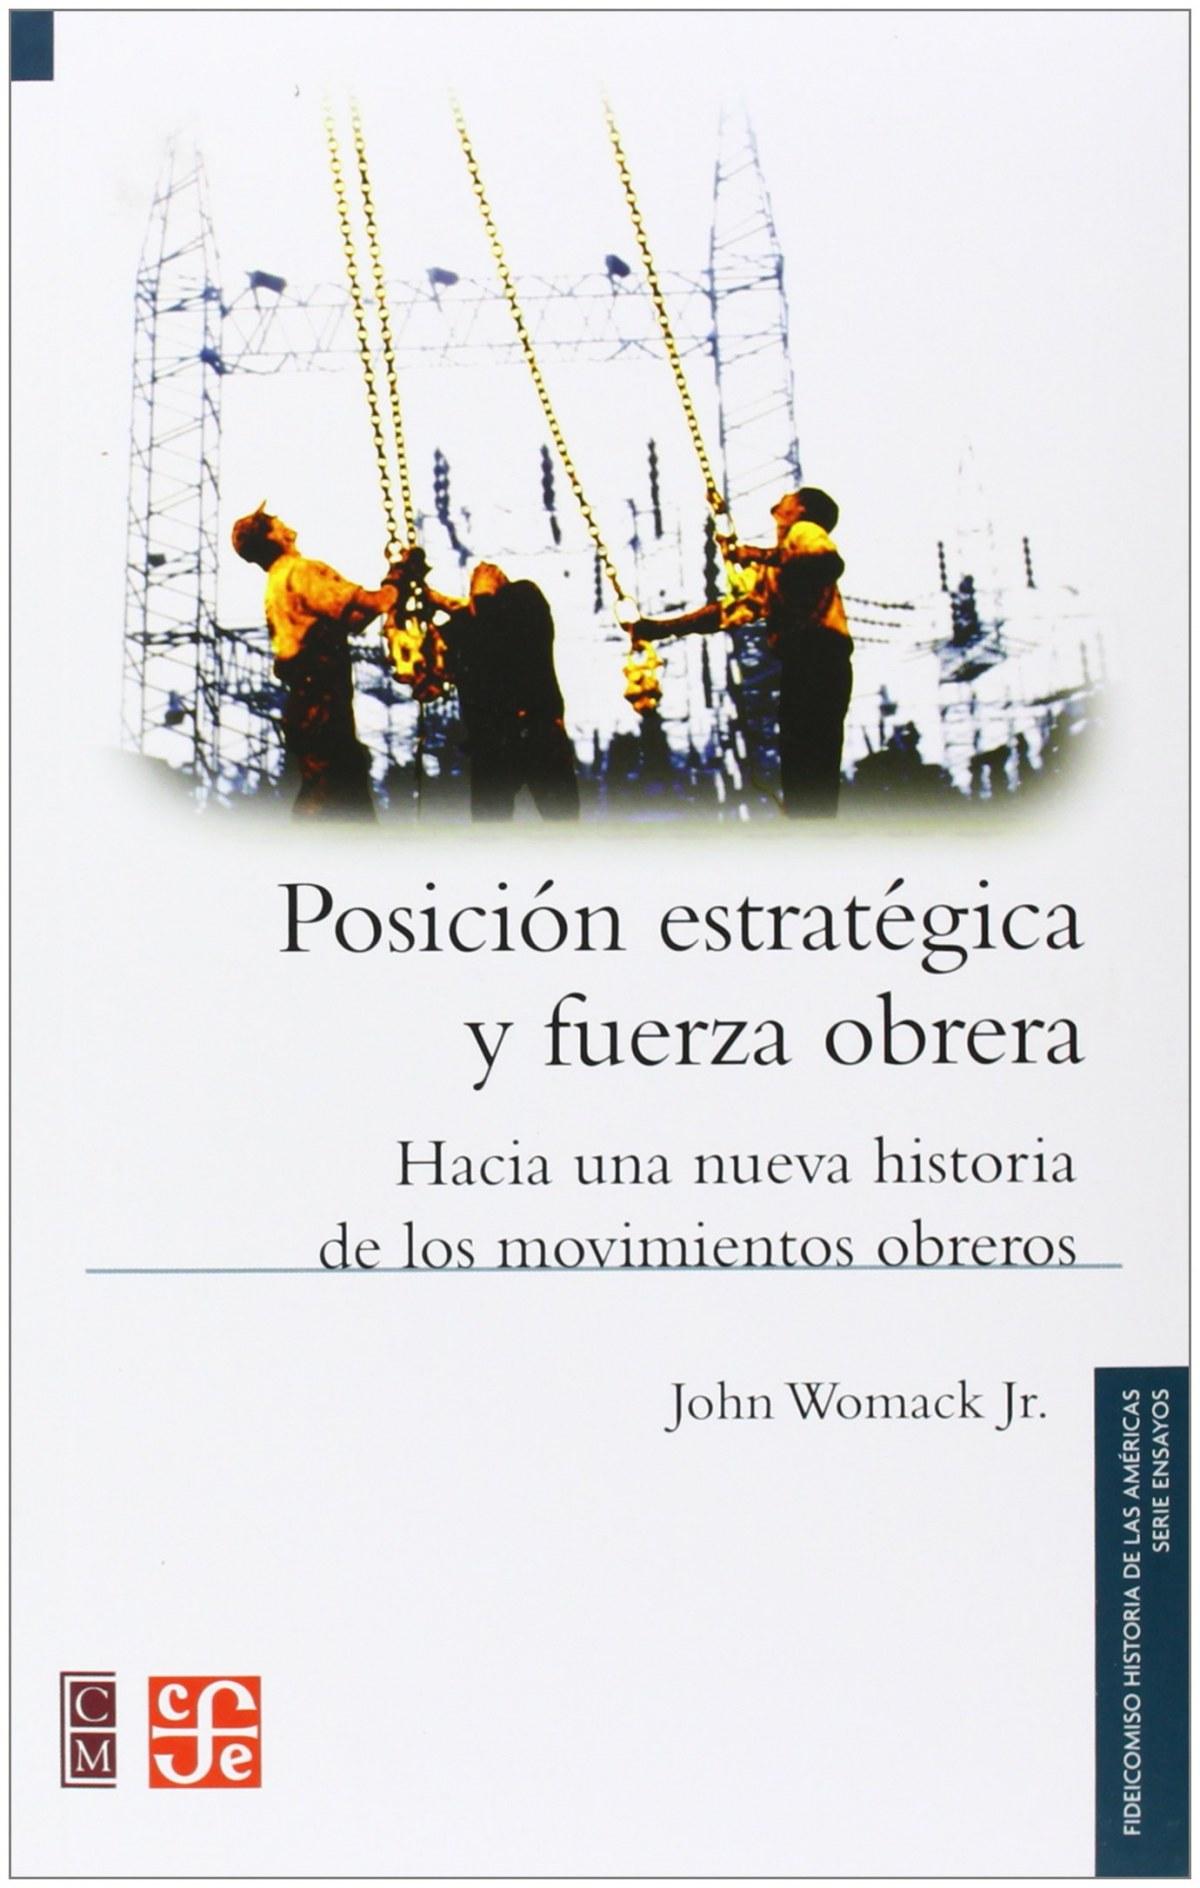 Posición estratégica y fuerza obrera : Hacia una nueva historia de los movimientos obreros